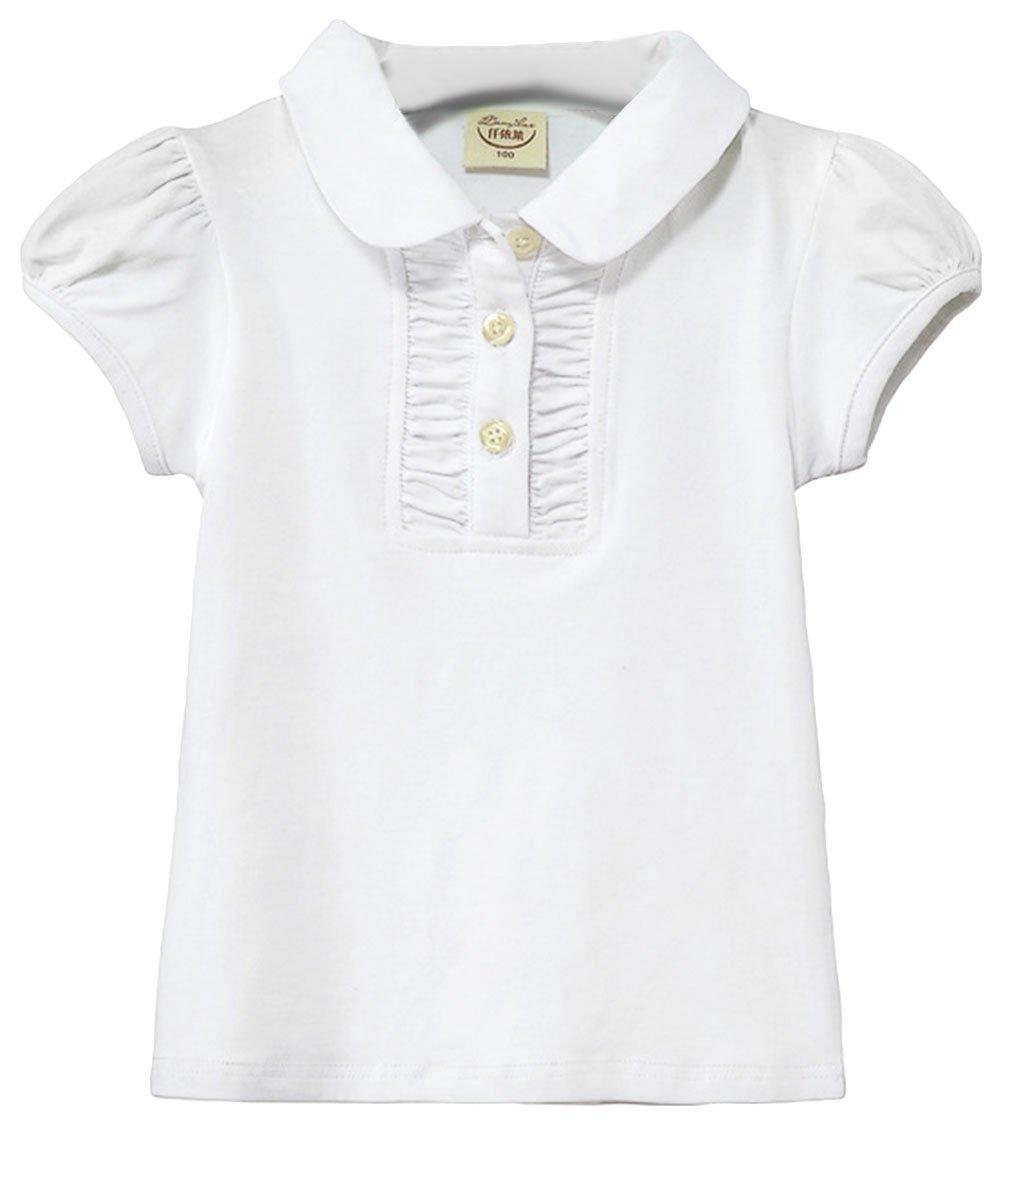 EOZY-Polo T-Shirt Bimba Bambina Cotone Maglietta a Manica Corta Cotone Misti